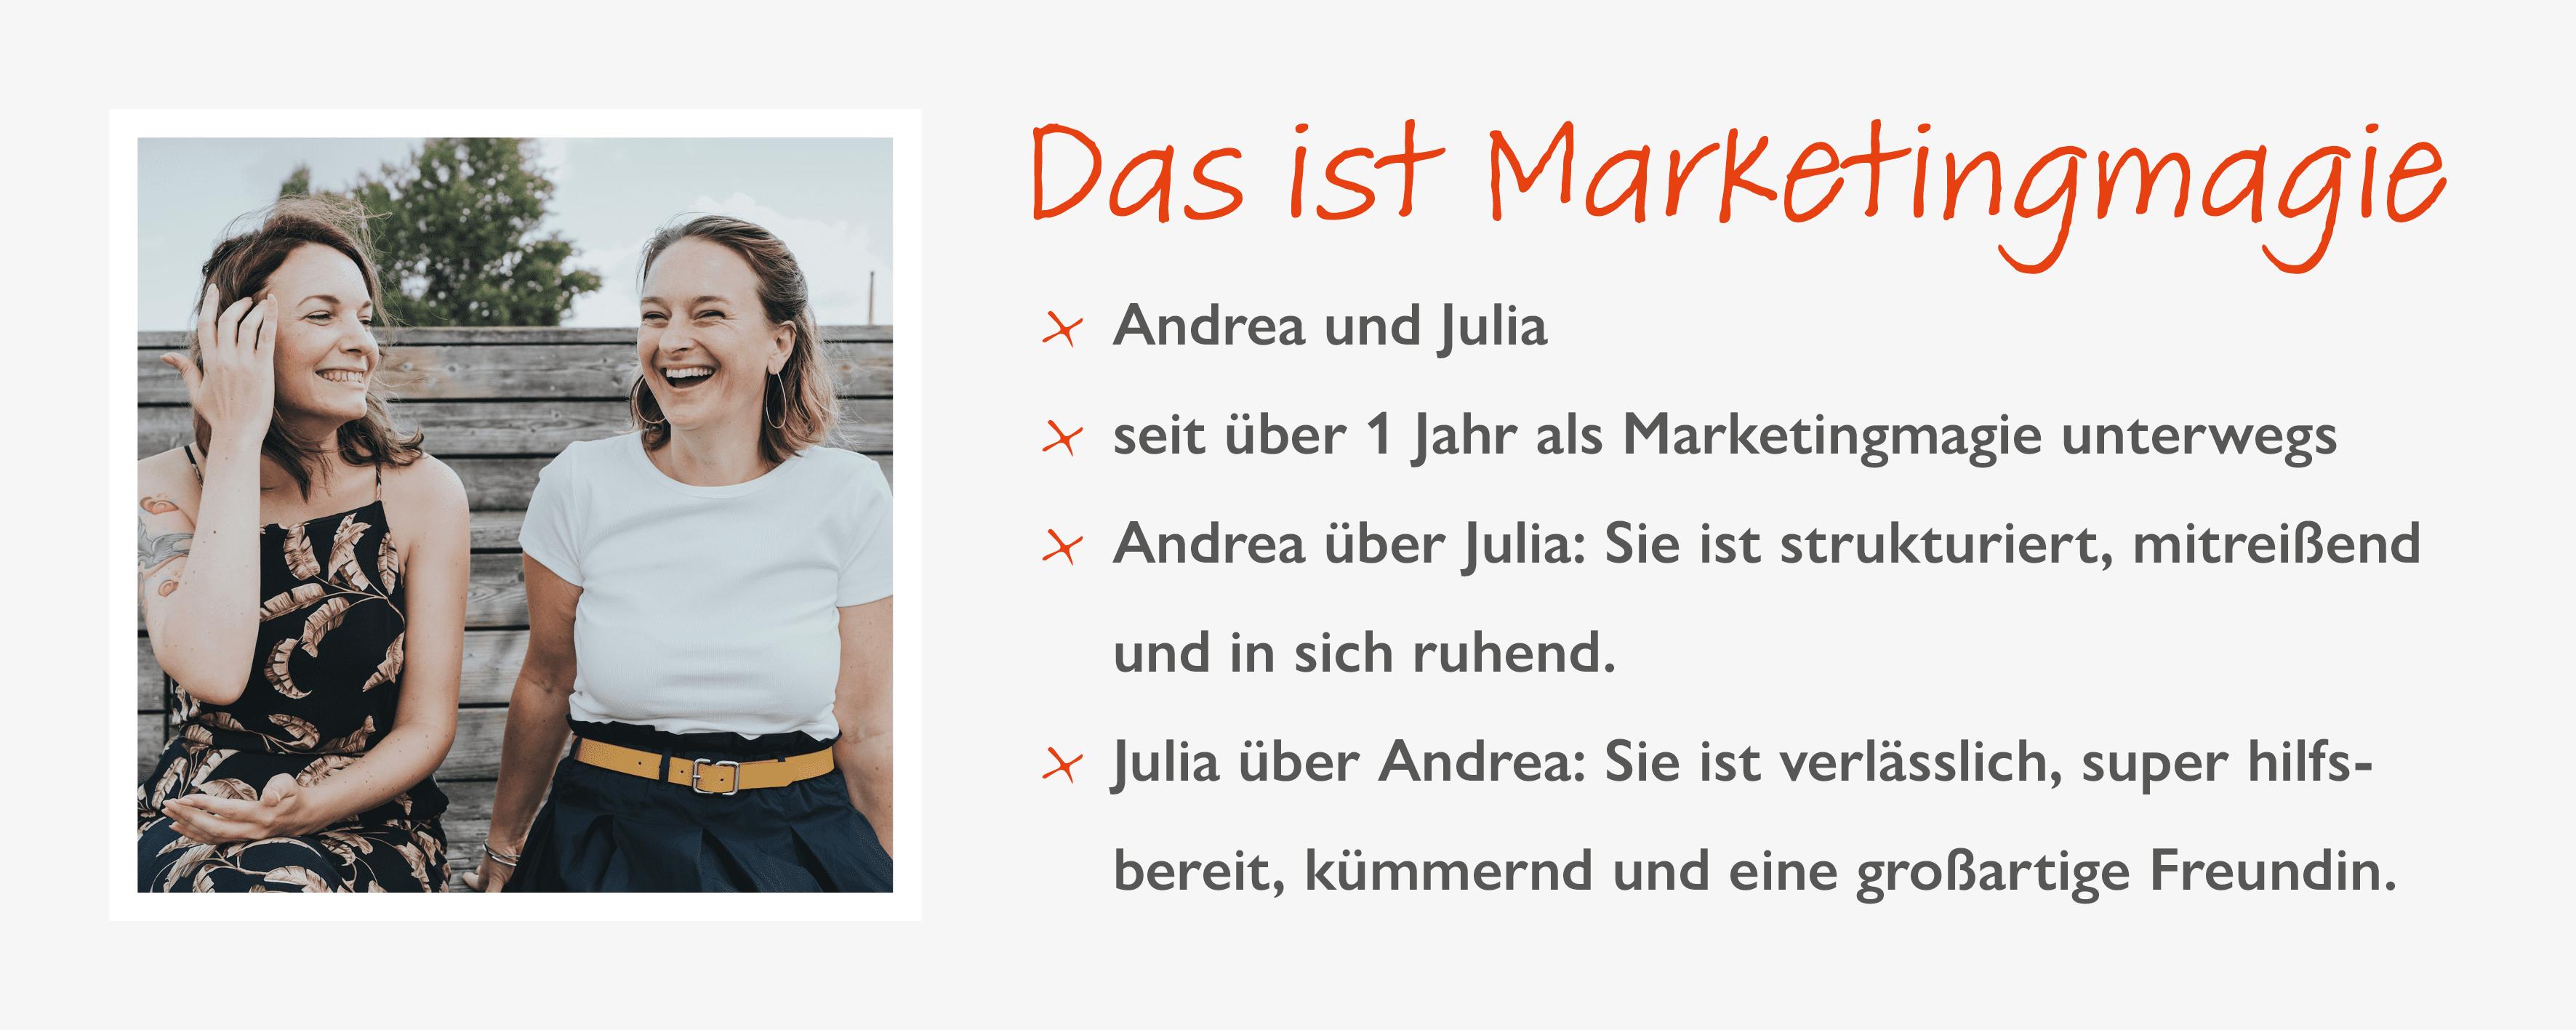 Steckbrief Marketingmagie